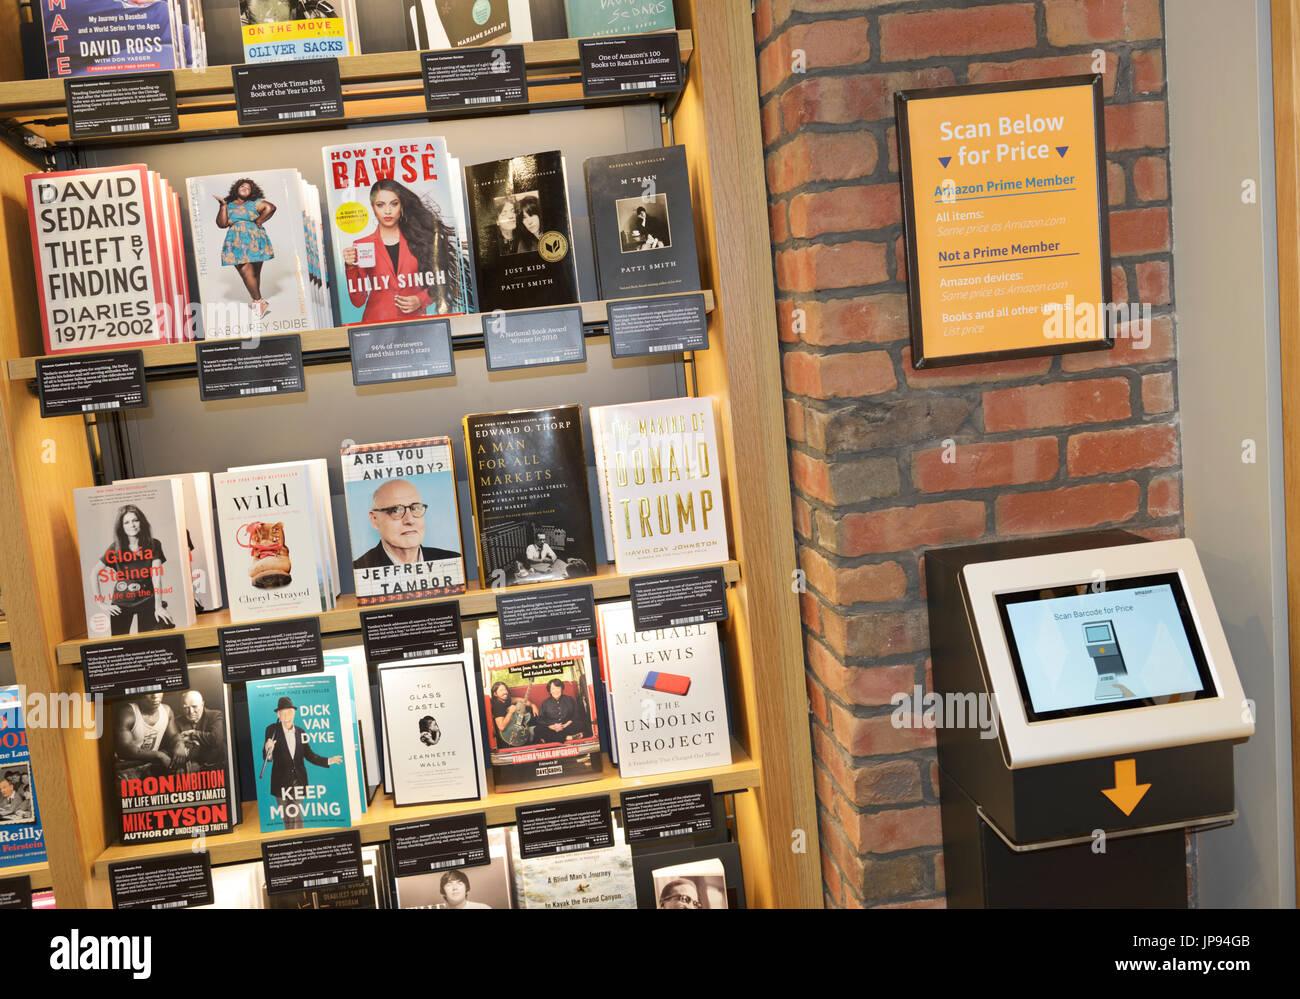 Filas de libros en una tienda de libros de Amazon con una pantalla para buscar una verificación de precios Imagen De Stock